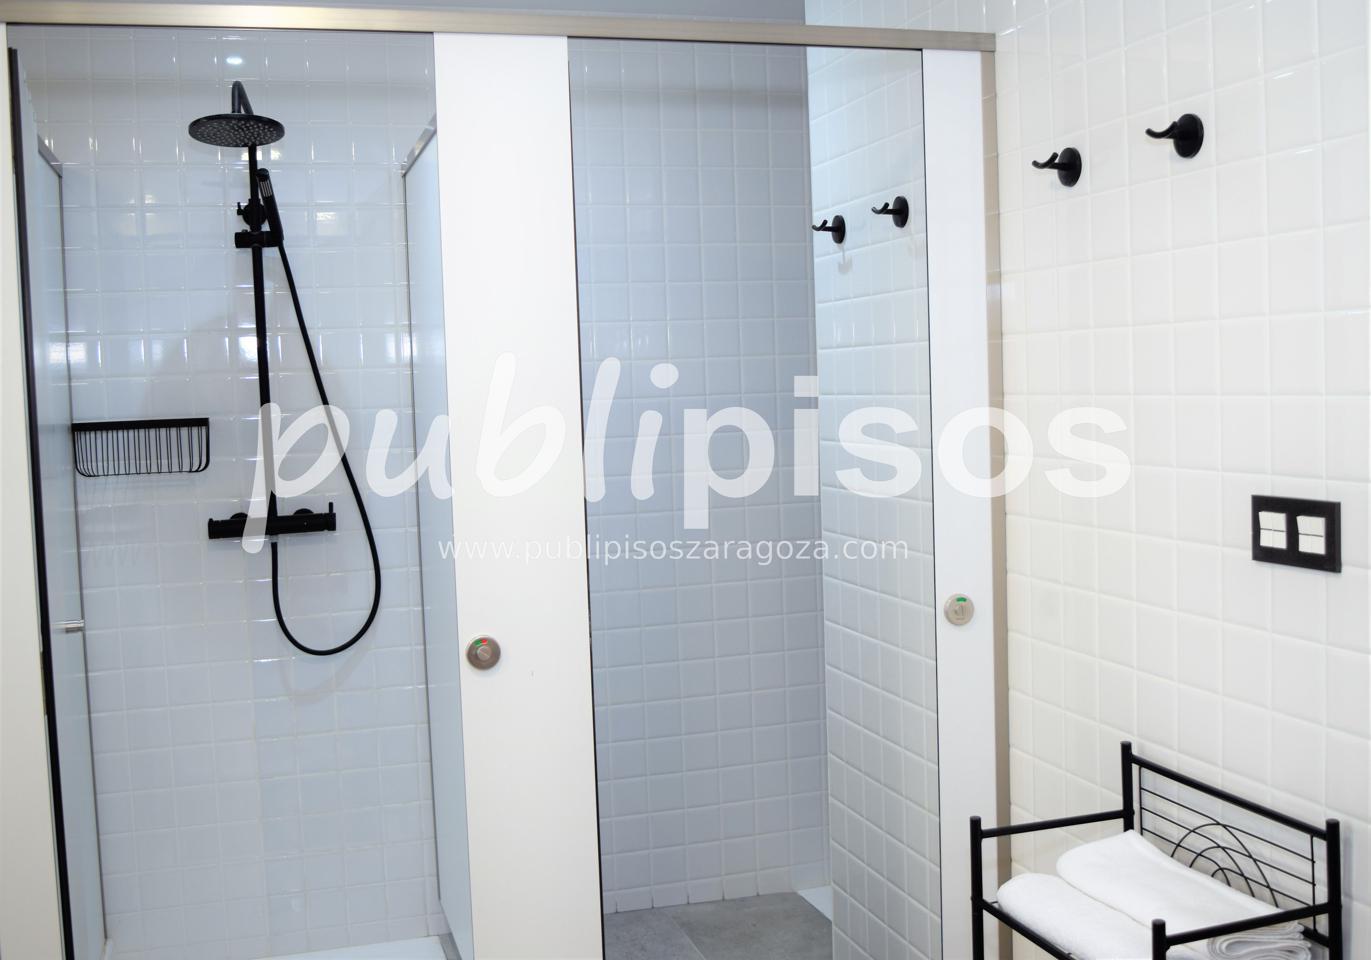 Alquiler habitaciones para estudiantes Zaragoza-32